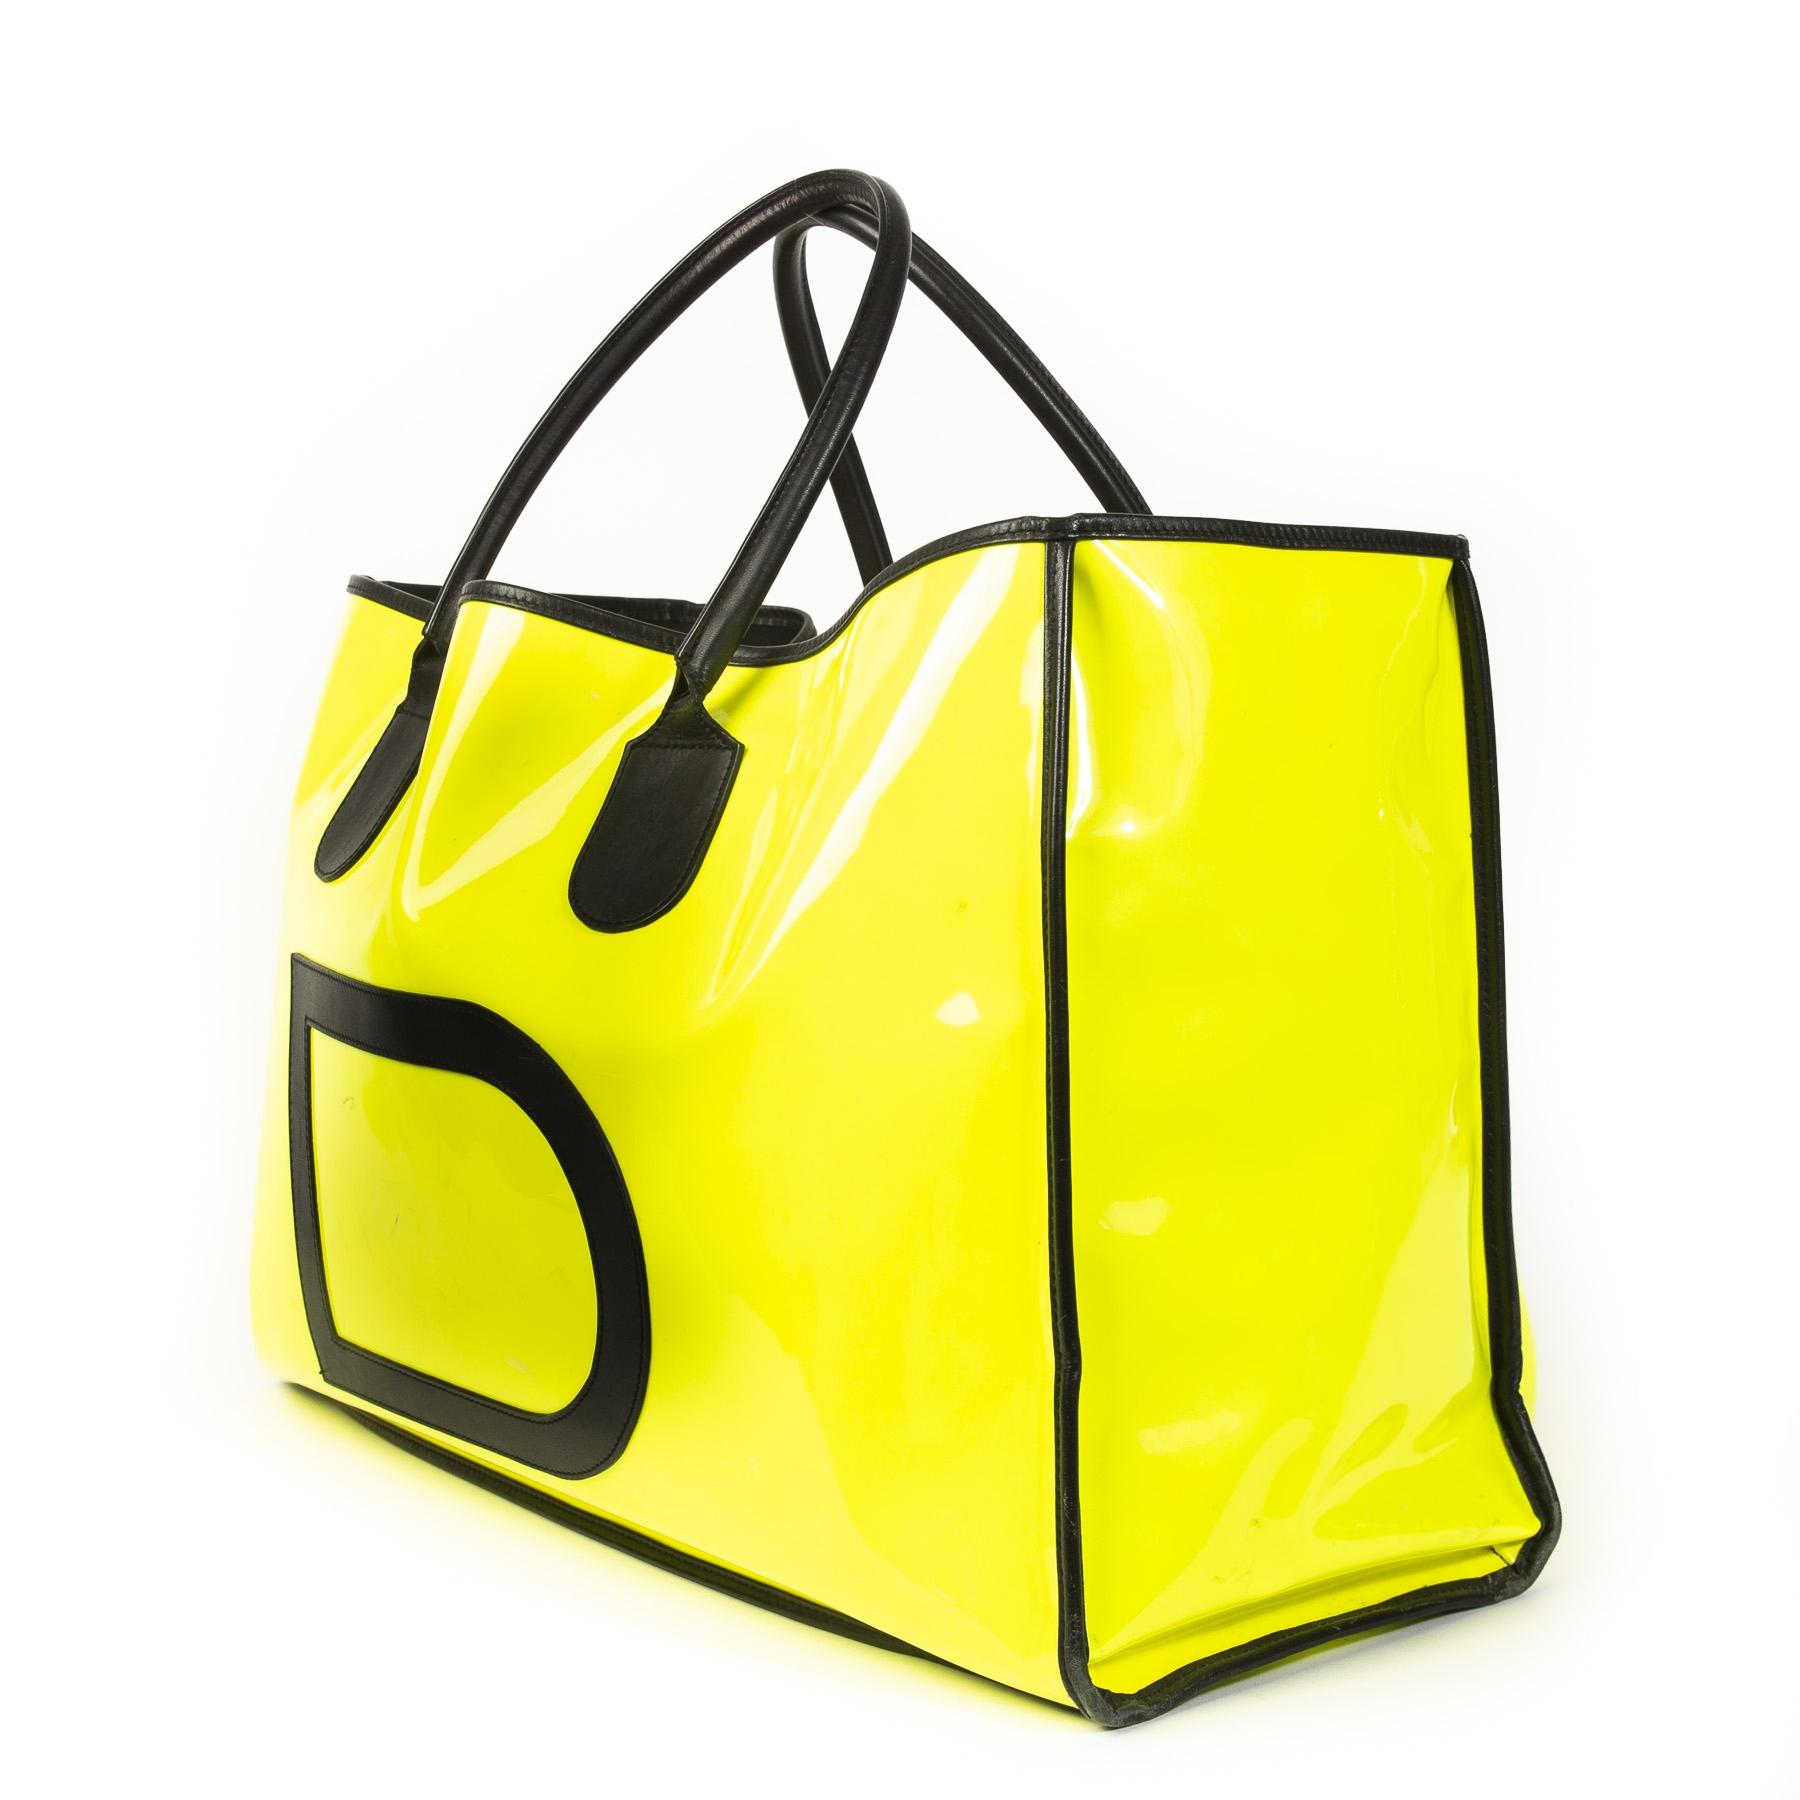 Authentieke tweedehands vintage Delvaux Taxi Vernis Neon Yellow Travel Bag bij online webshop LabelLOV